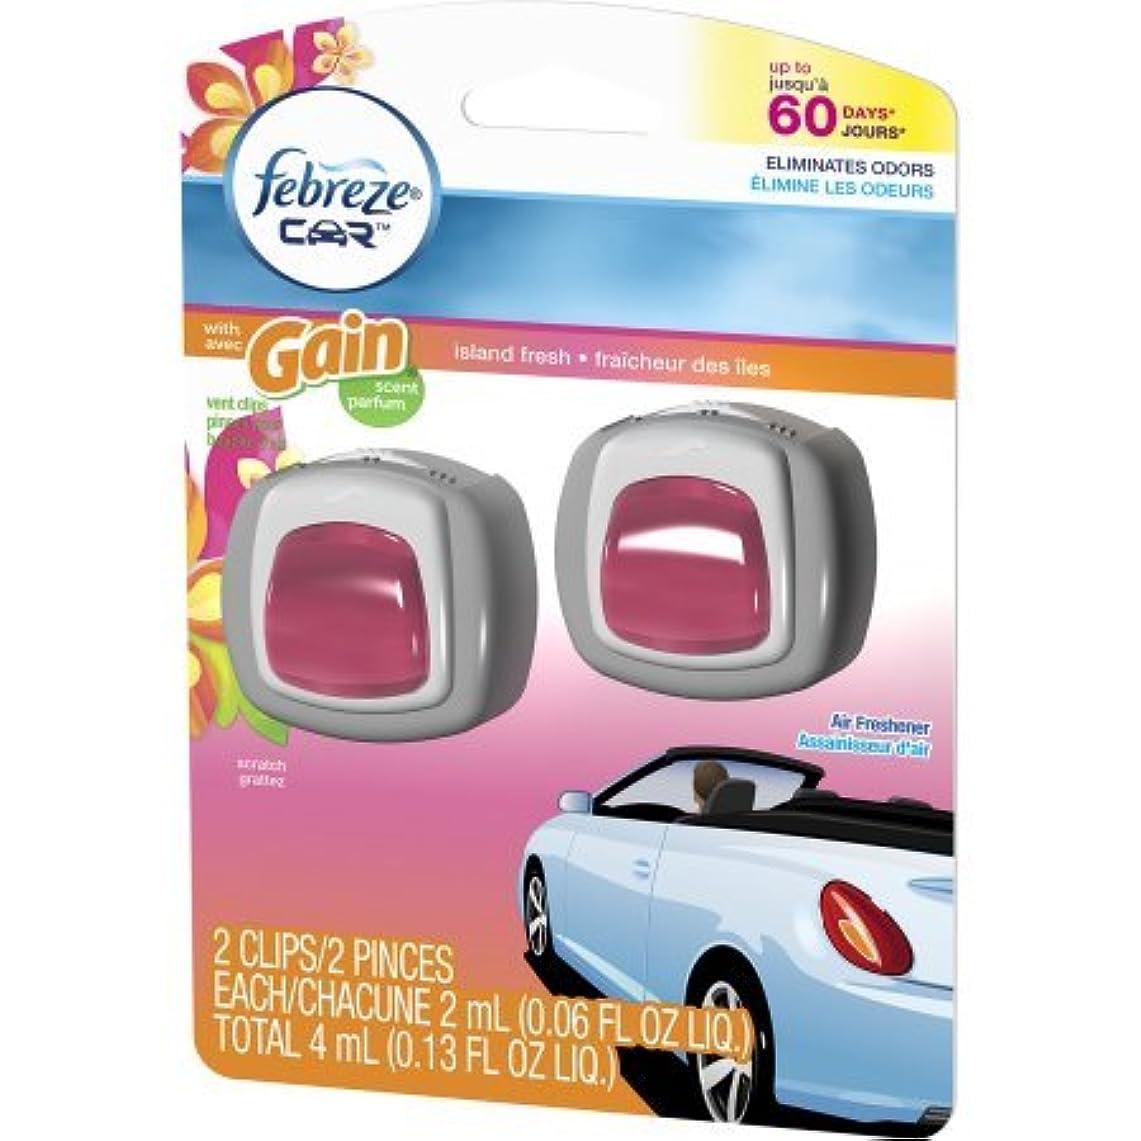 買い物に行く構造的プラスチック【Febreze/ファブリーズ】 車用芳香剤 (イージークリップ) 2個入り ゲインアイランドフレッシュ Car Vent Clips Gain Island Fresh Air Freshener, 0.06 oz, 2 count [並行輸入品]